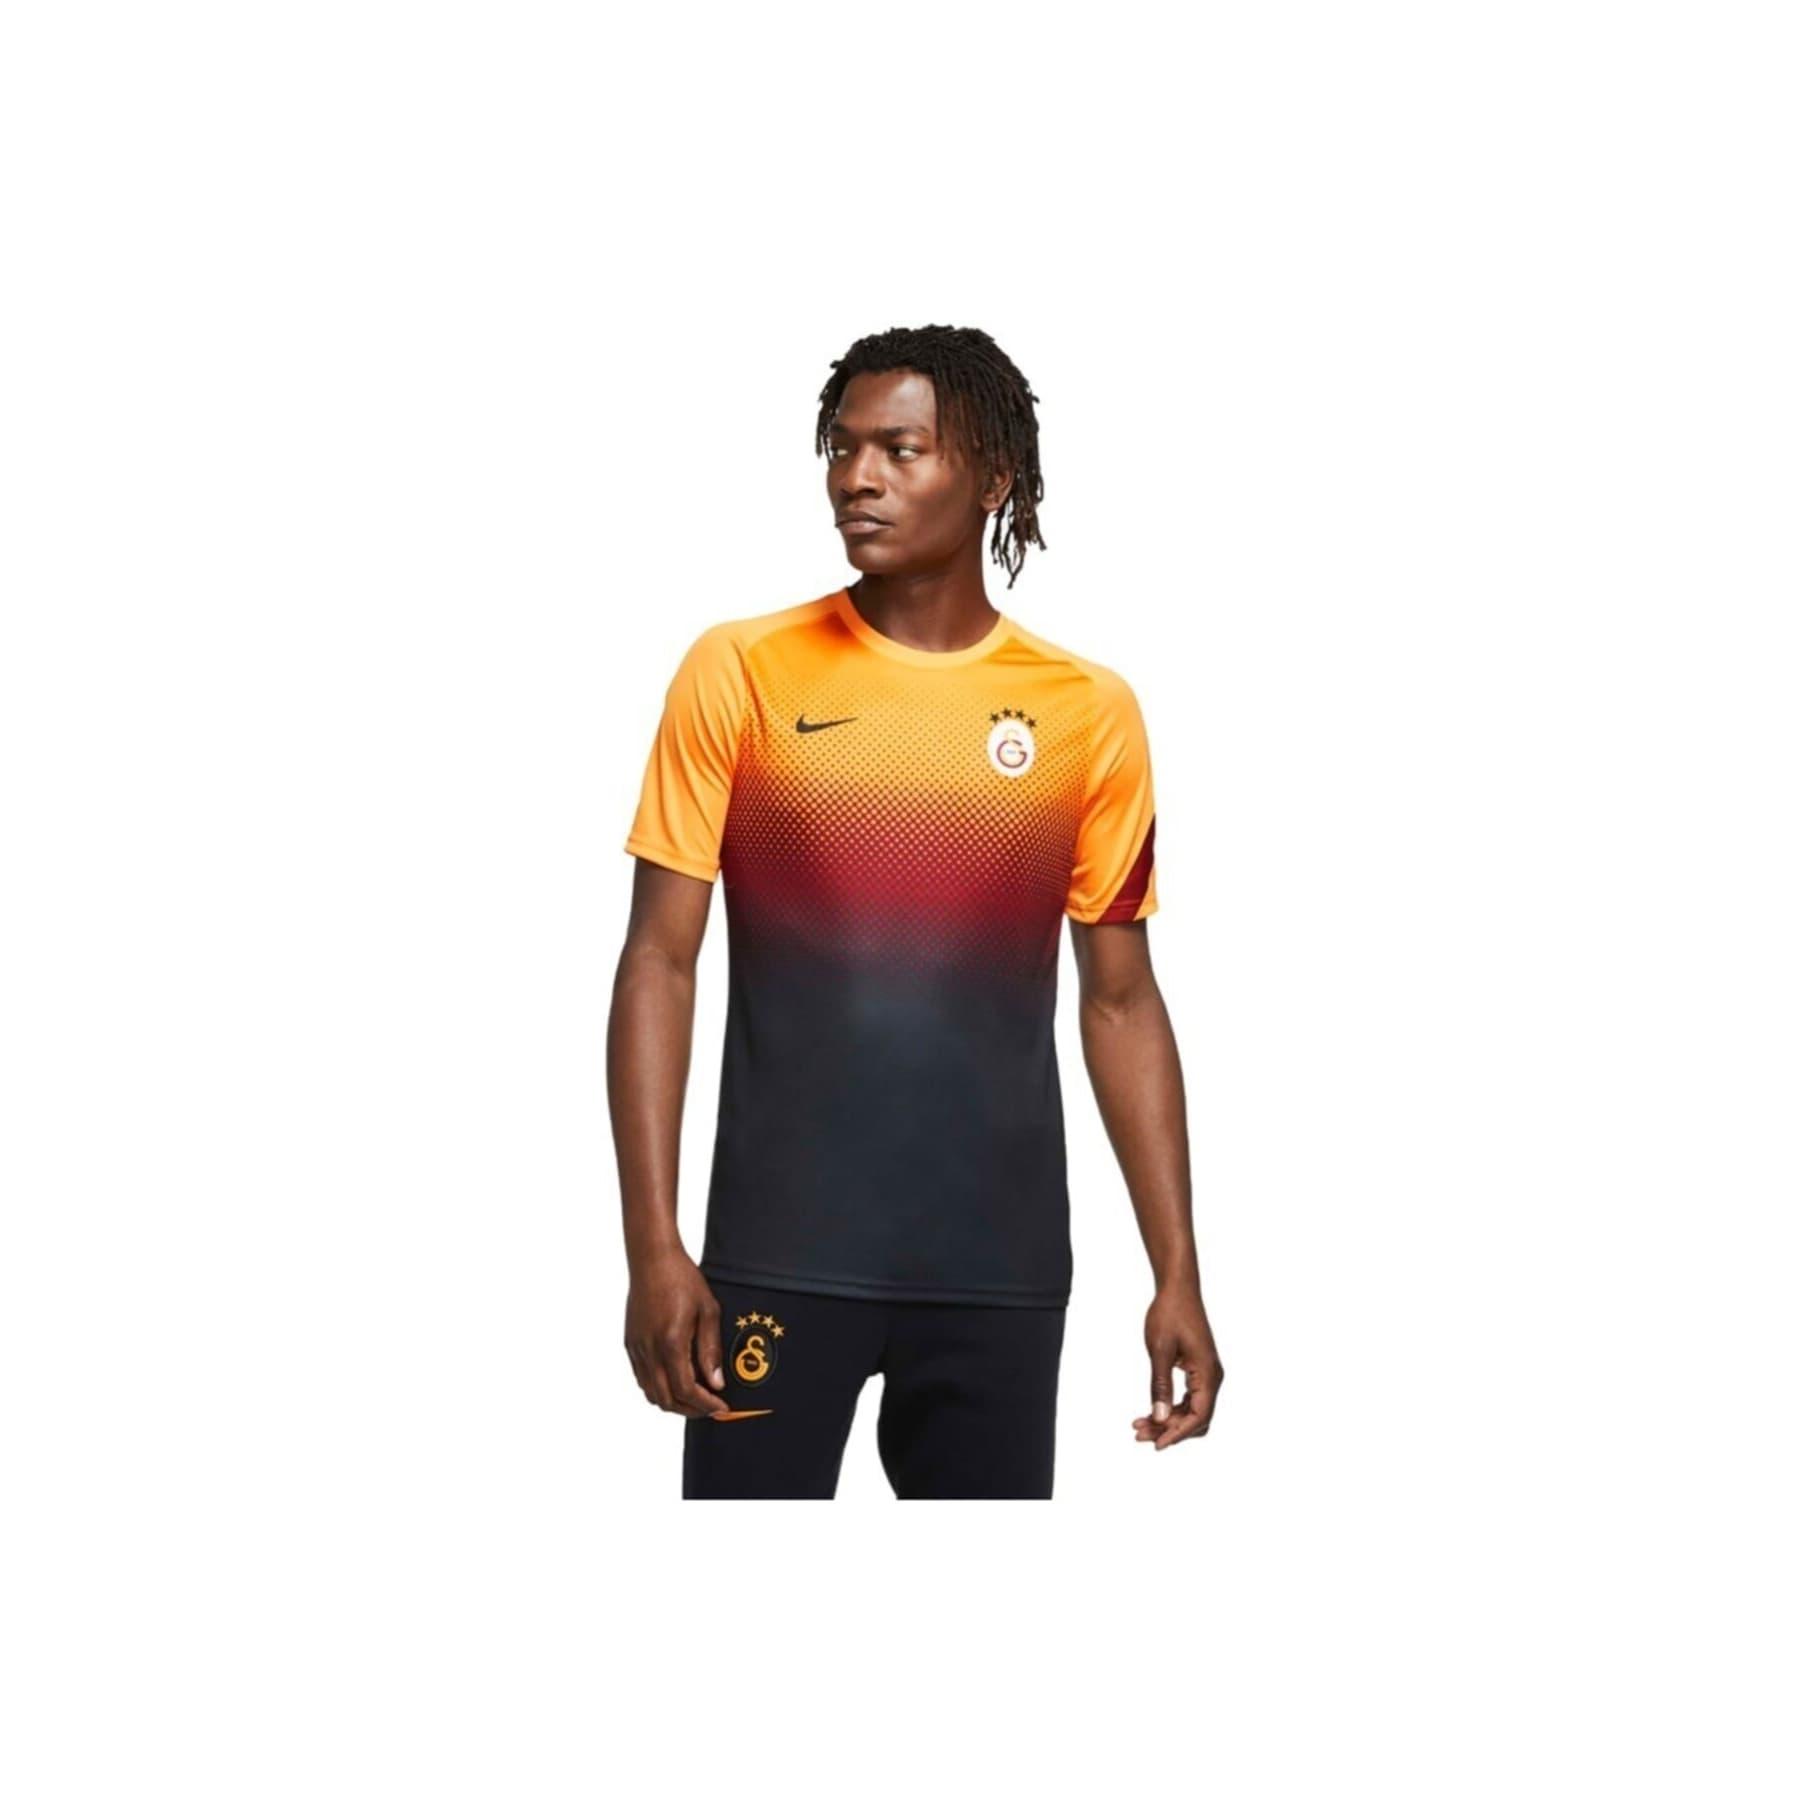 Galatasaray Kısa Kollu Erkek Futbol Forması (CD5813-836)